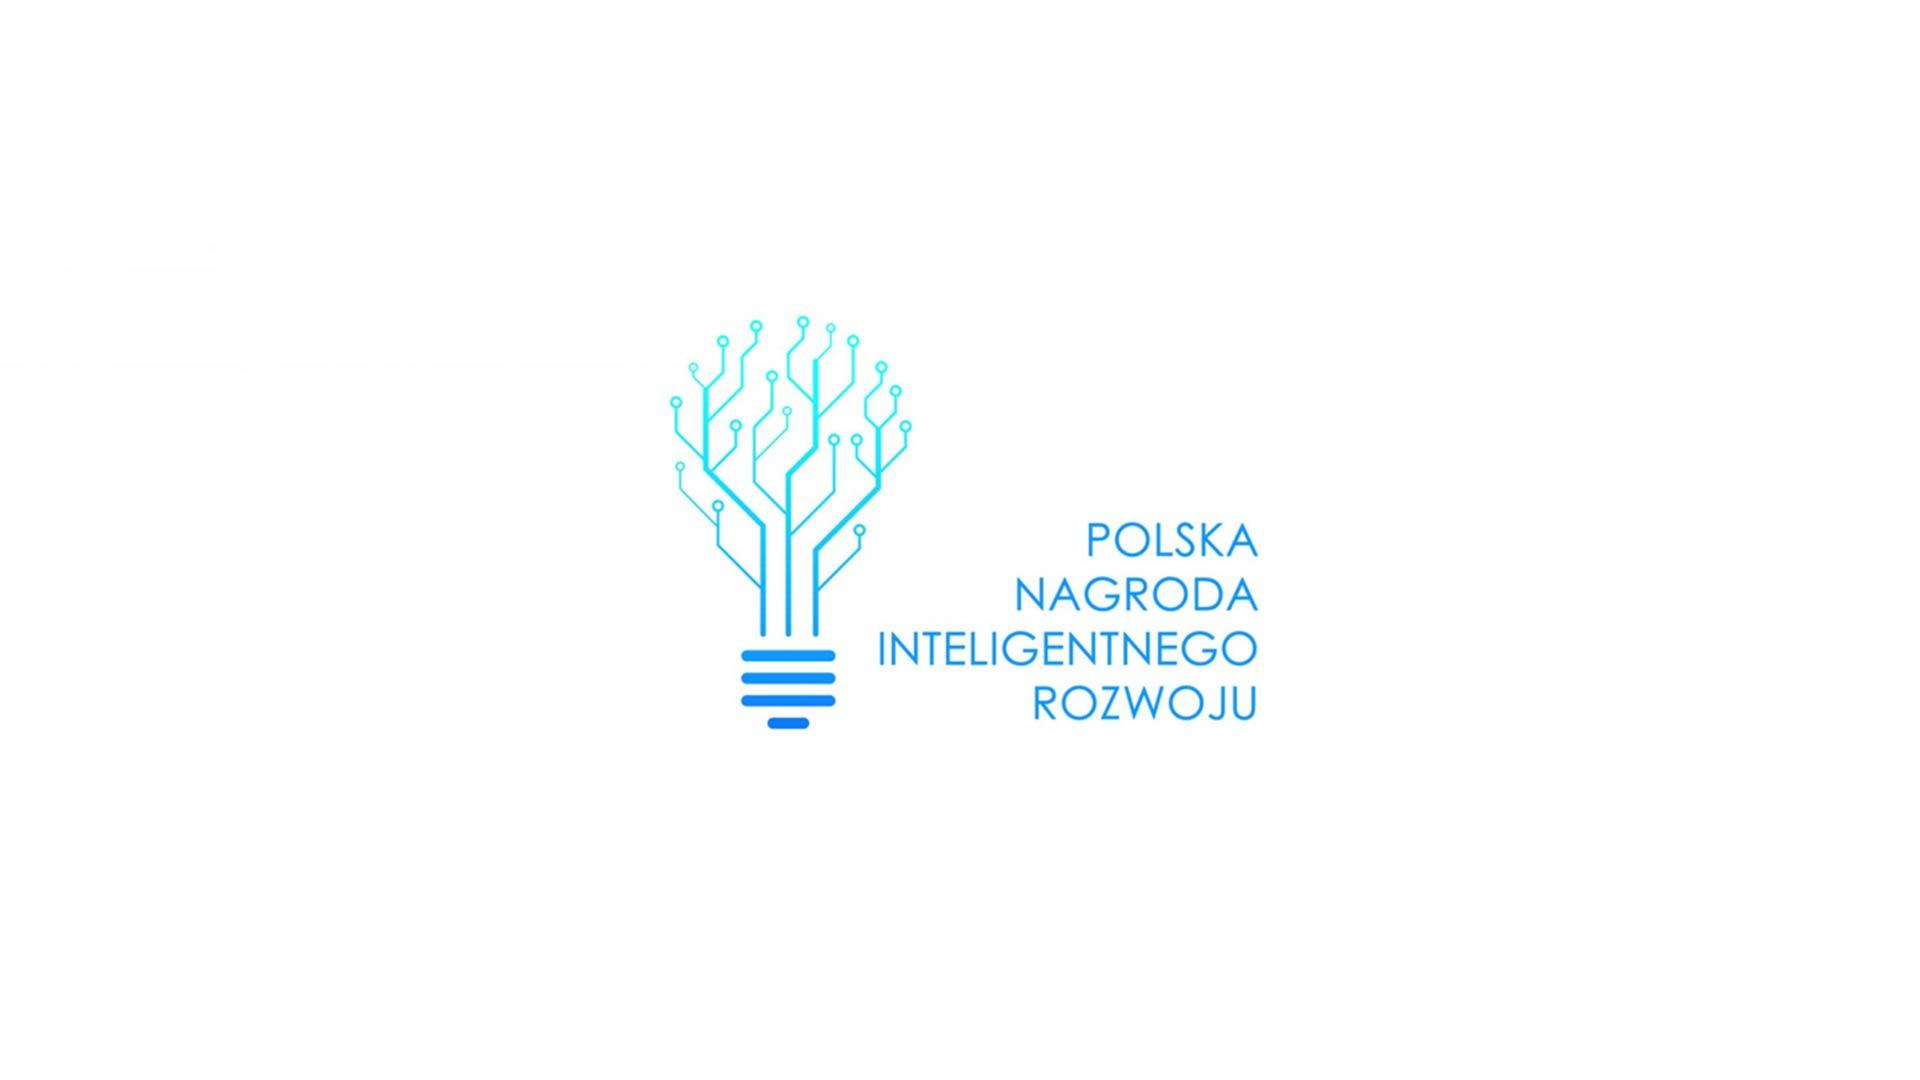 Zasłużony dla Inteligentnego Rozwoju – 26.08.2020 r.